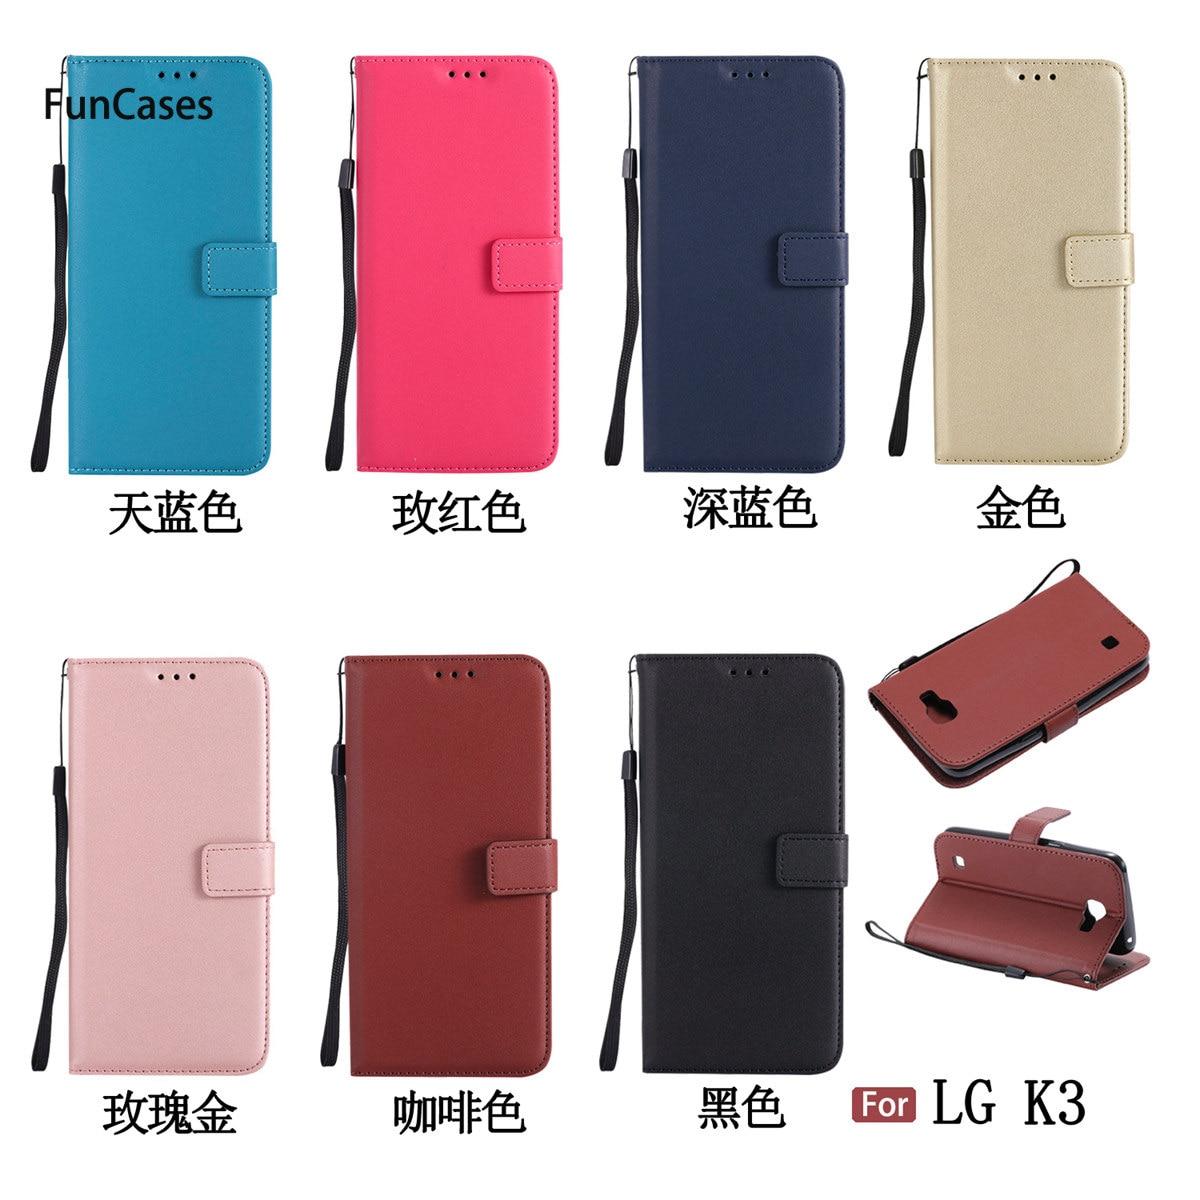 Funda de teléfono de cartera Multicolor para LG K3 Fundas Clips, carcasa enjoyada para LG K3, bolsa para teléfono móvil Handytasche